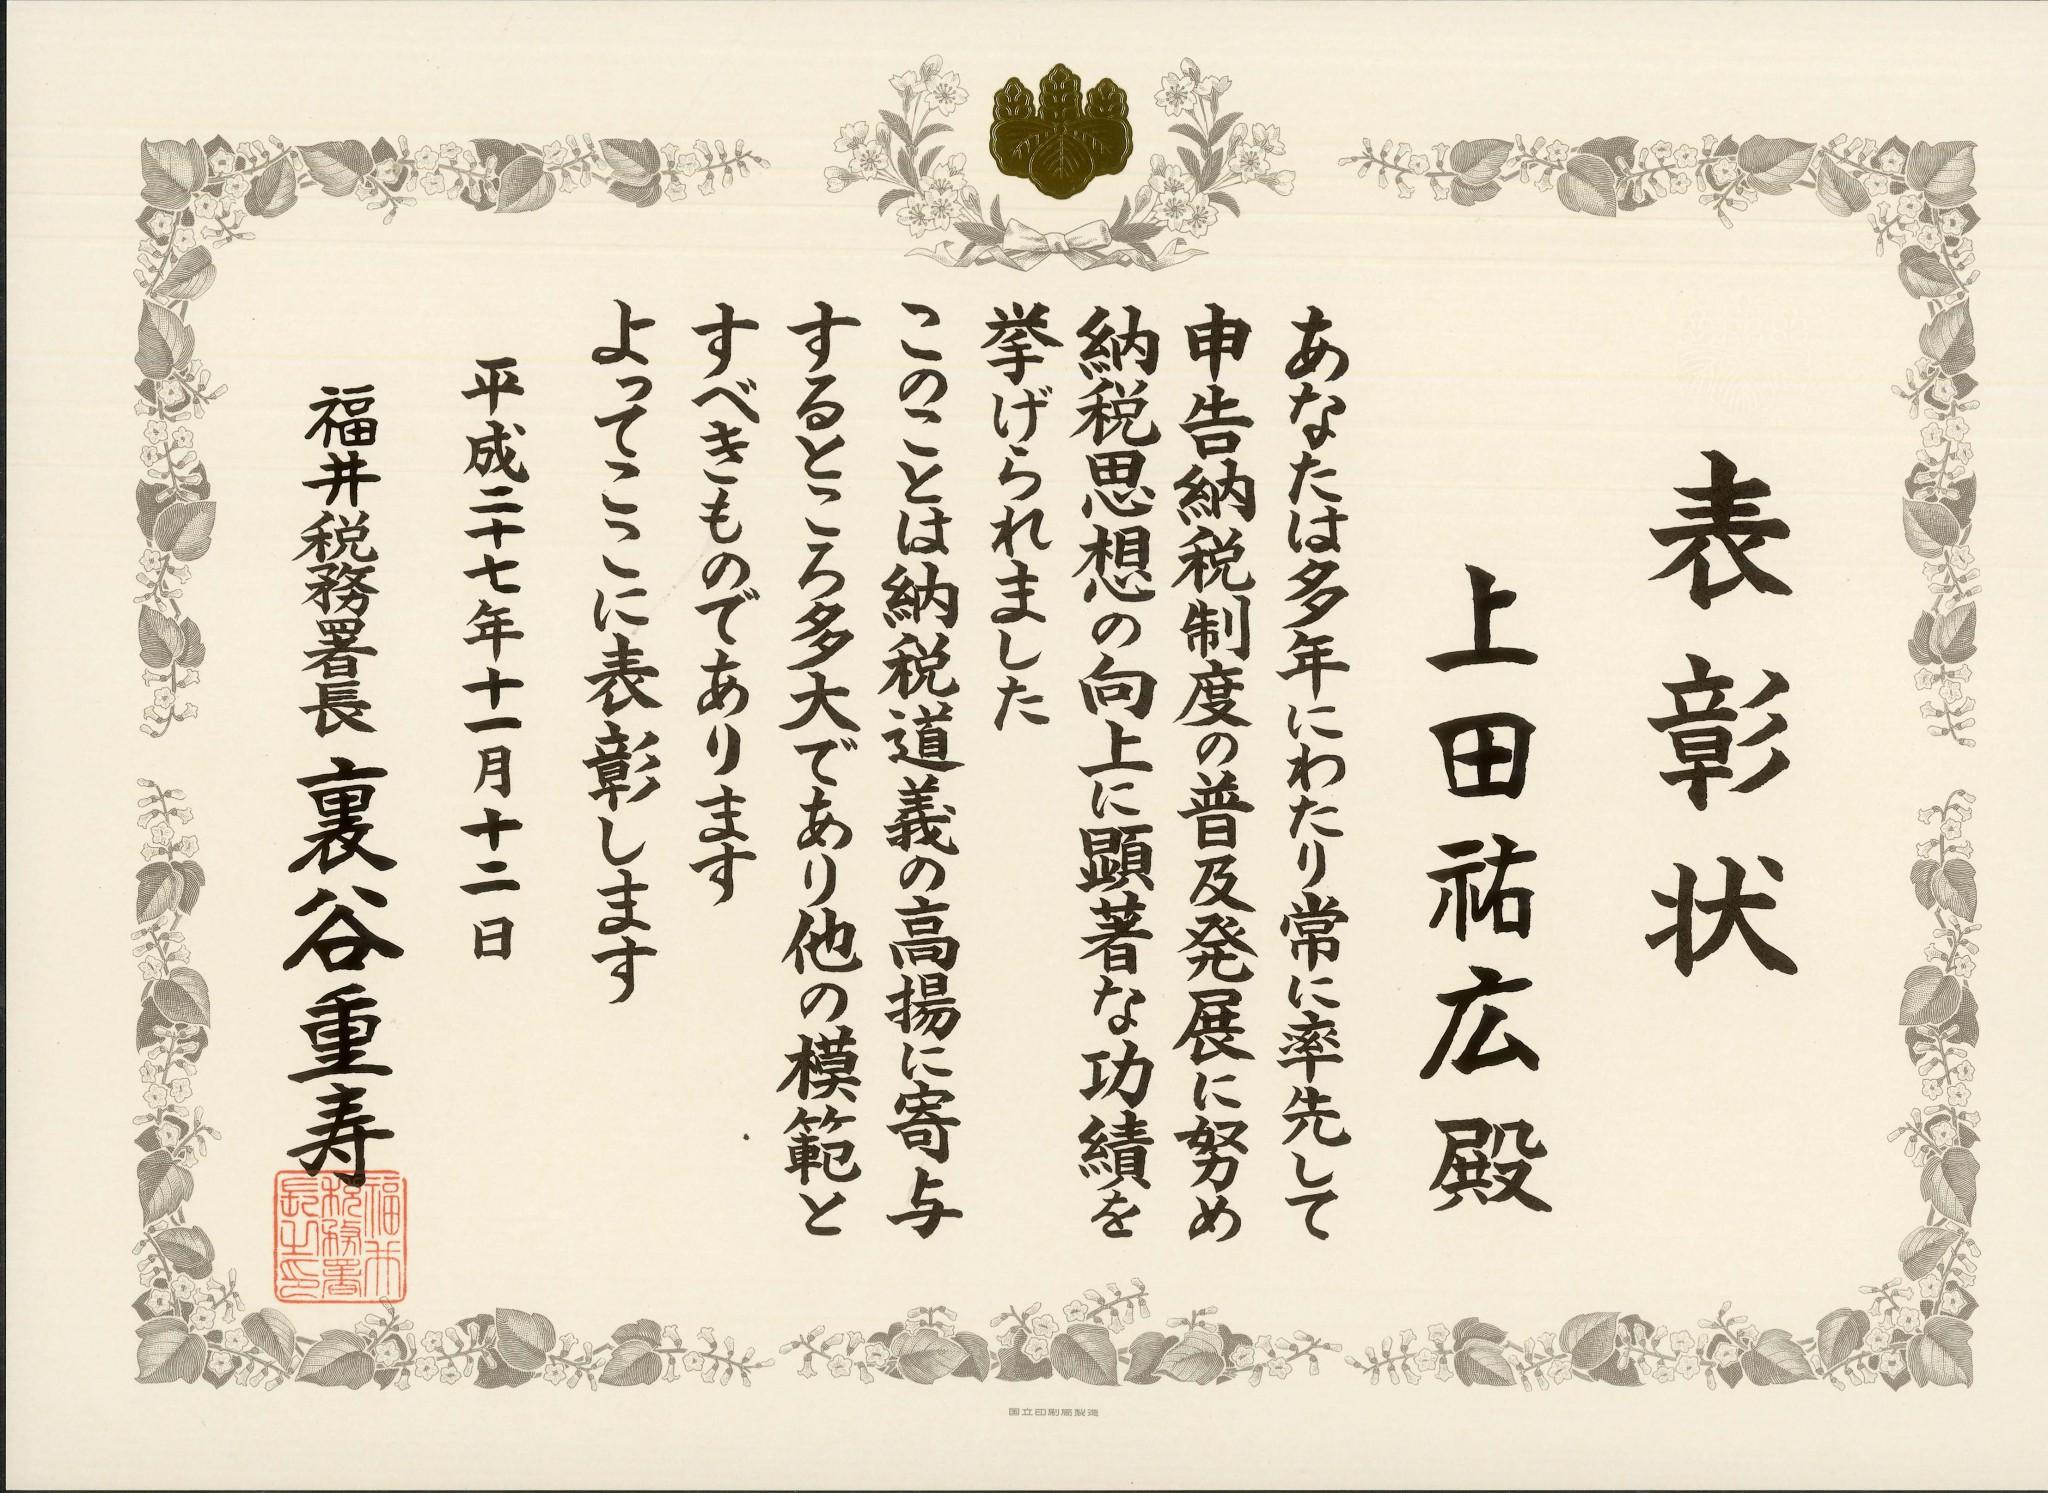 27nen-fukuizeimusho-hyoushou-2